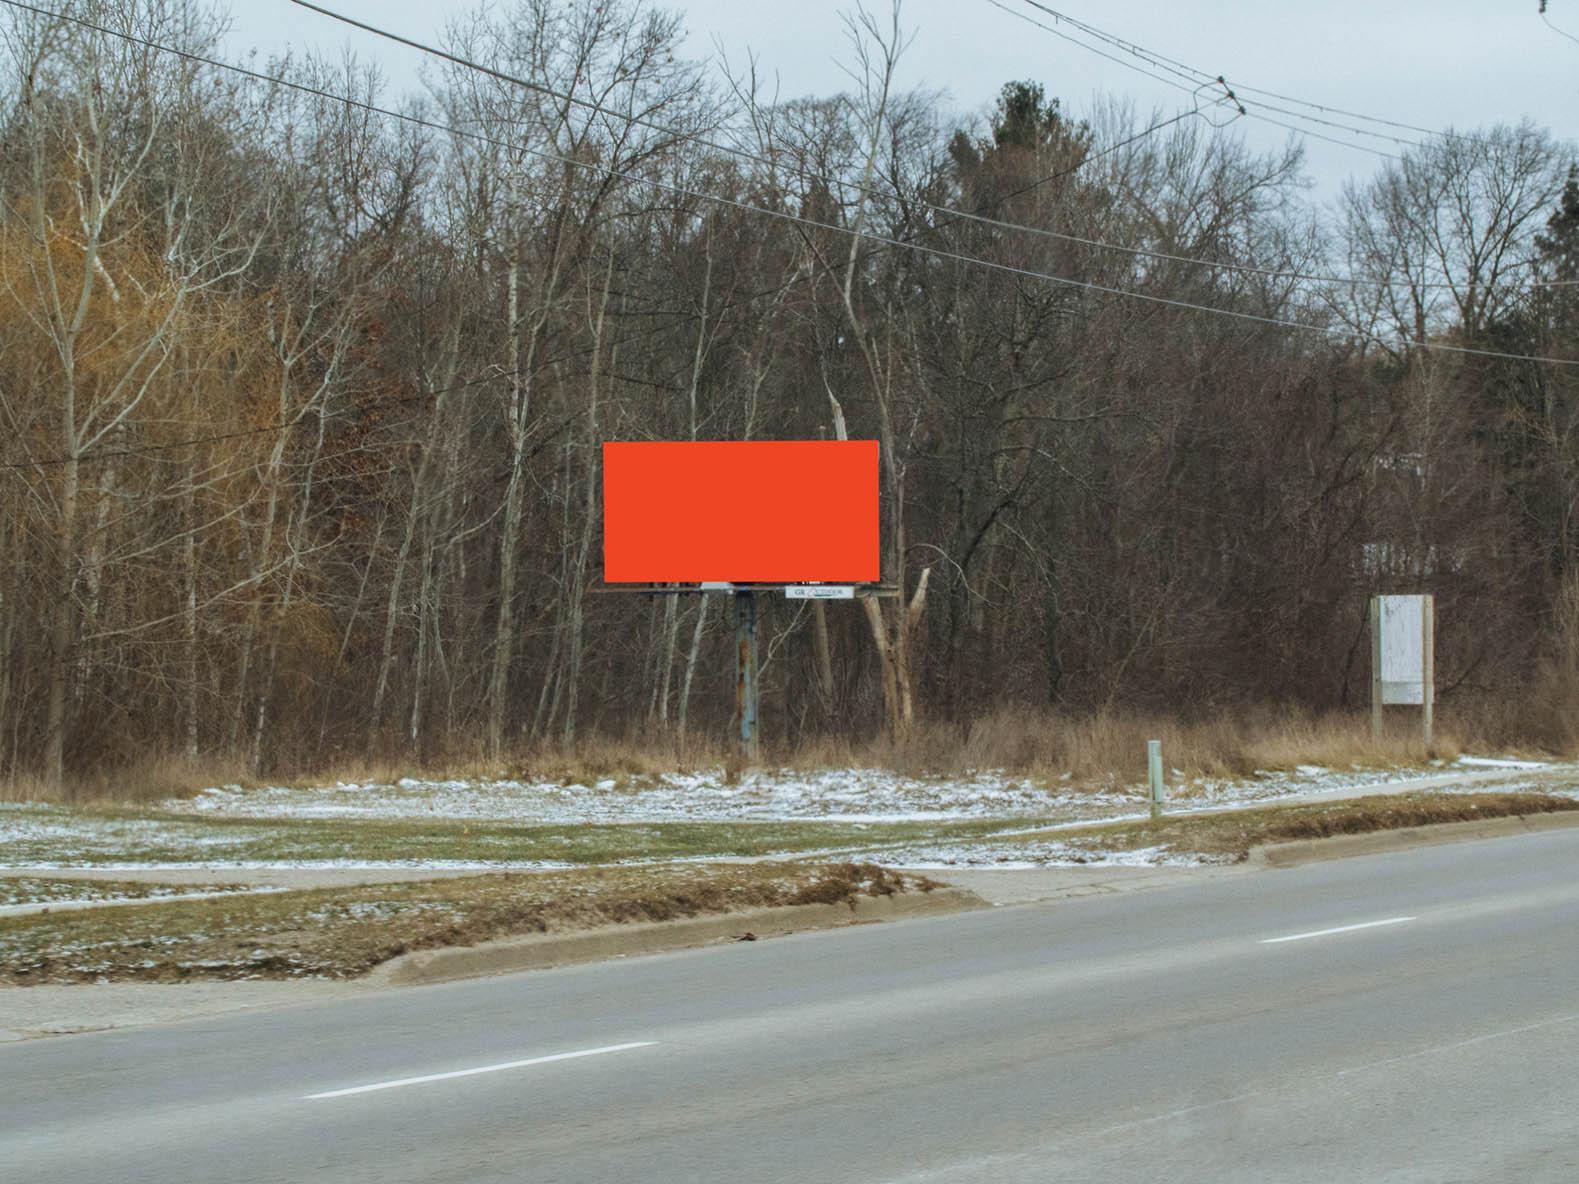 Billboard 416 South (8 x 16) - Geopath: 30655502